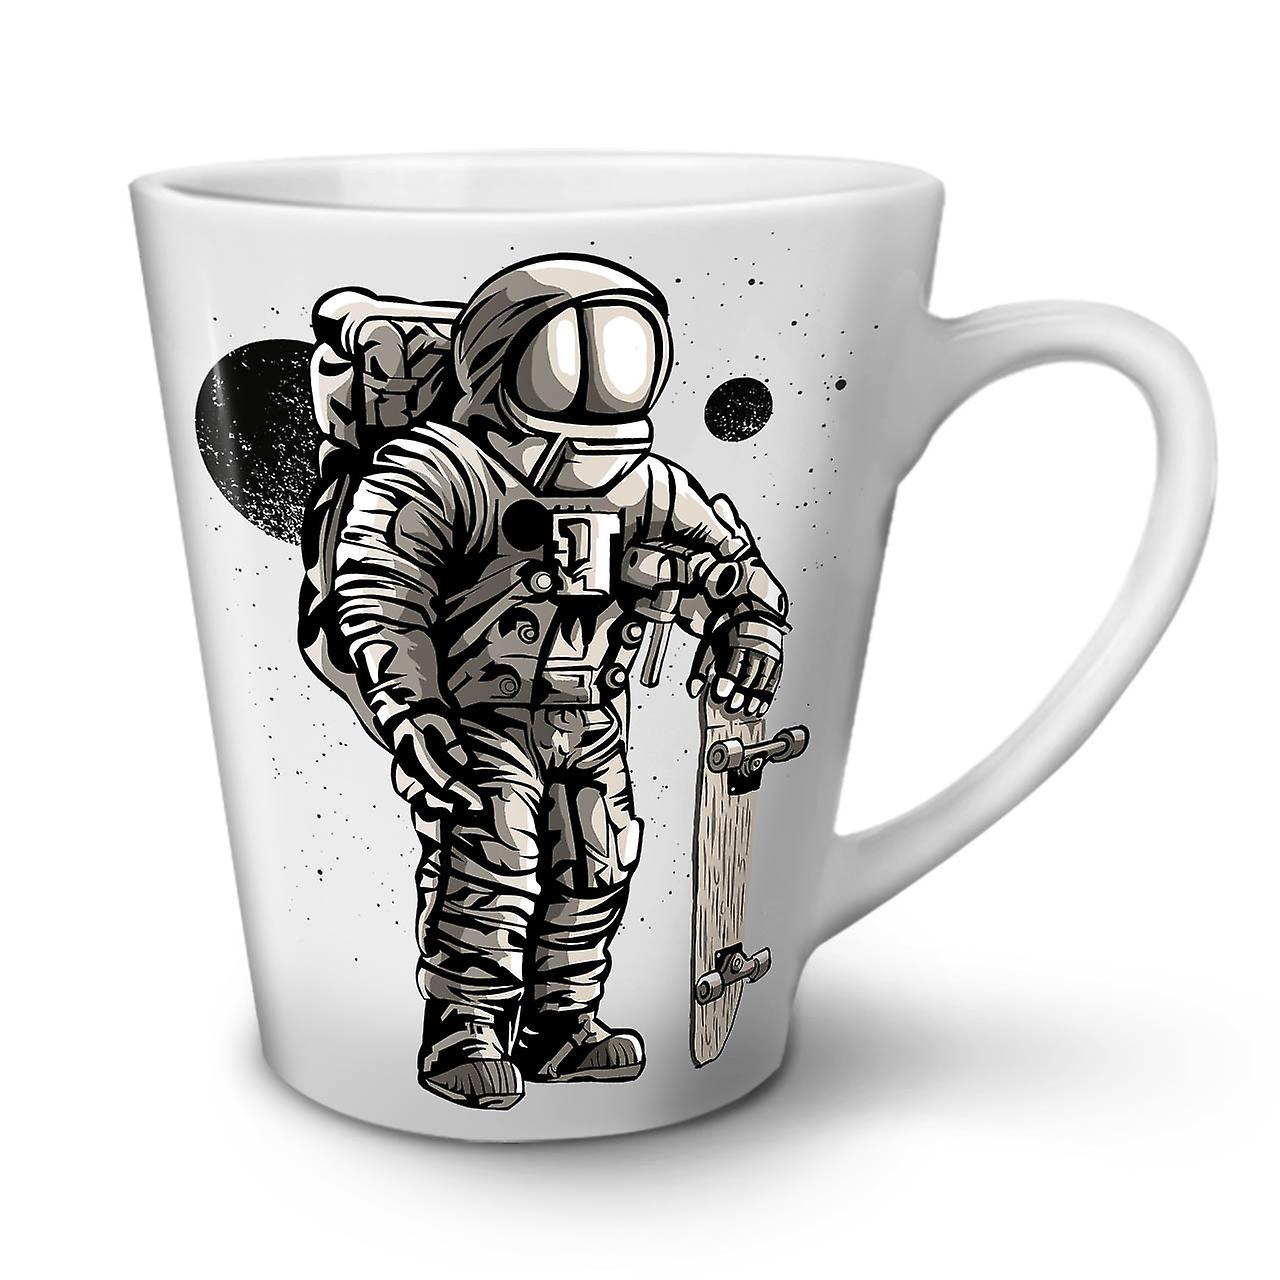 Espace Fashion 12 Moon Latte En Café Nouvelle Céramique OzWellcoda Patineur Blanche Tasse JF3KTl1c